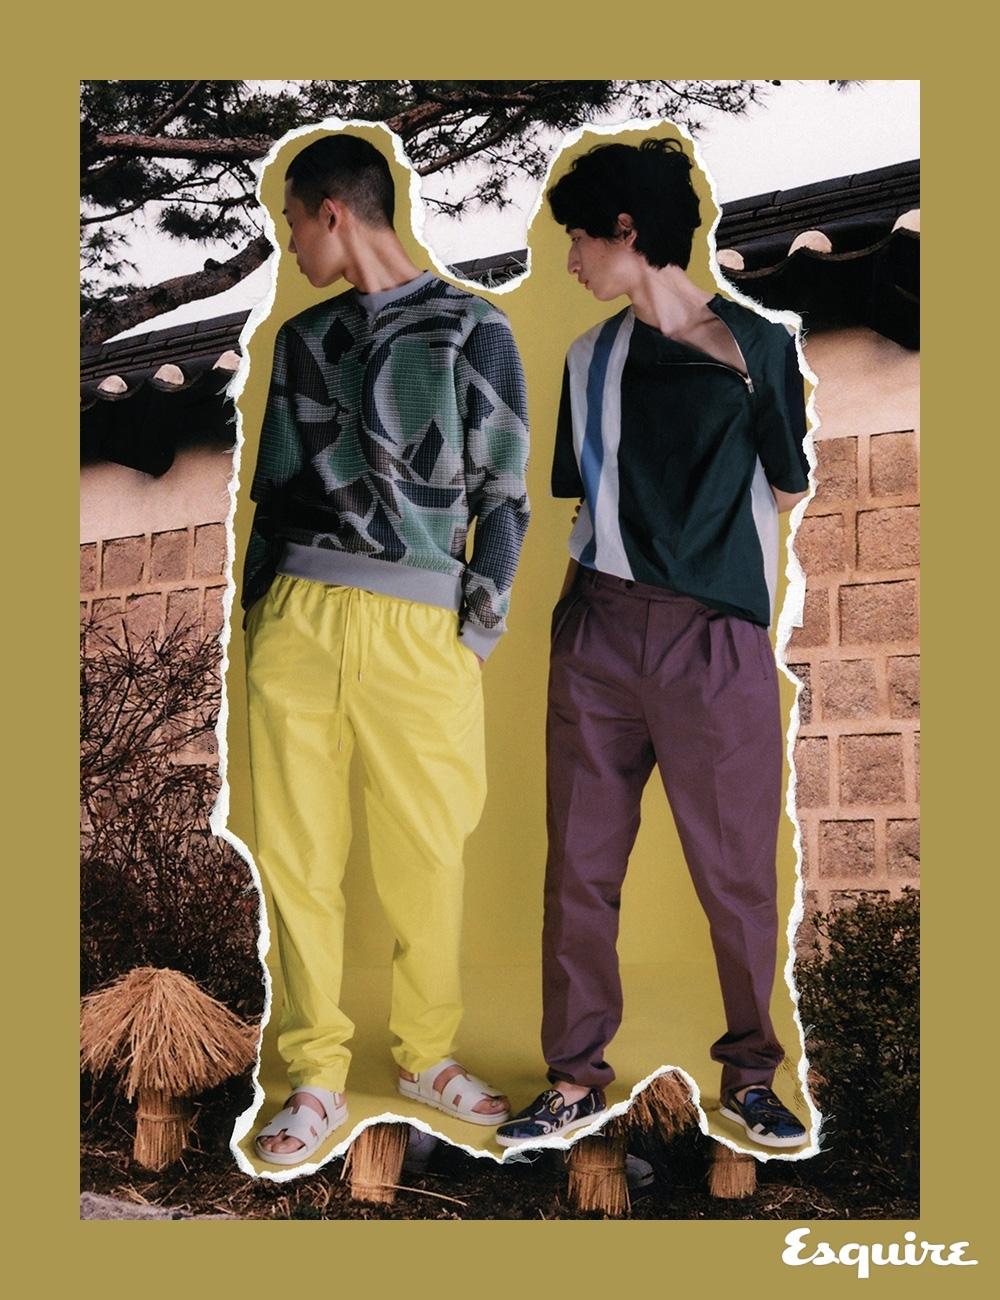 민석이 입은 니트, 바지, 샌들 모두 가격 미정 에르메스. 봉우가 입은 풀오버 셔츠, 바지, 에스파드리유 모두 가격 미정 에르메스.